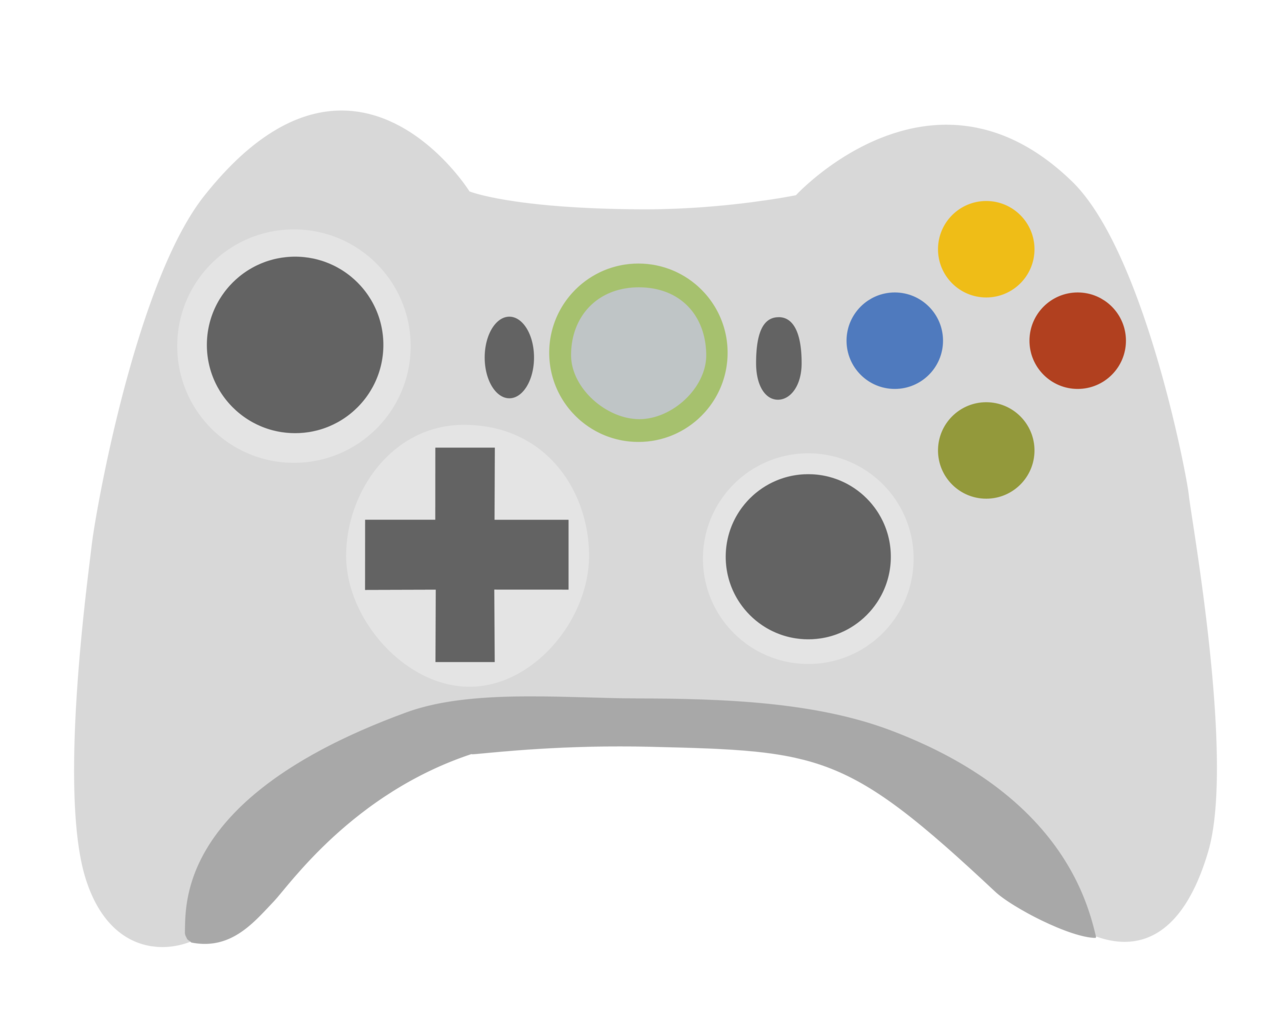 Controller clipart xbox 1 controller, Controller xbox 1 controller